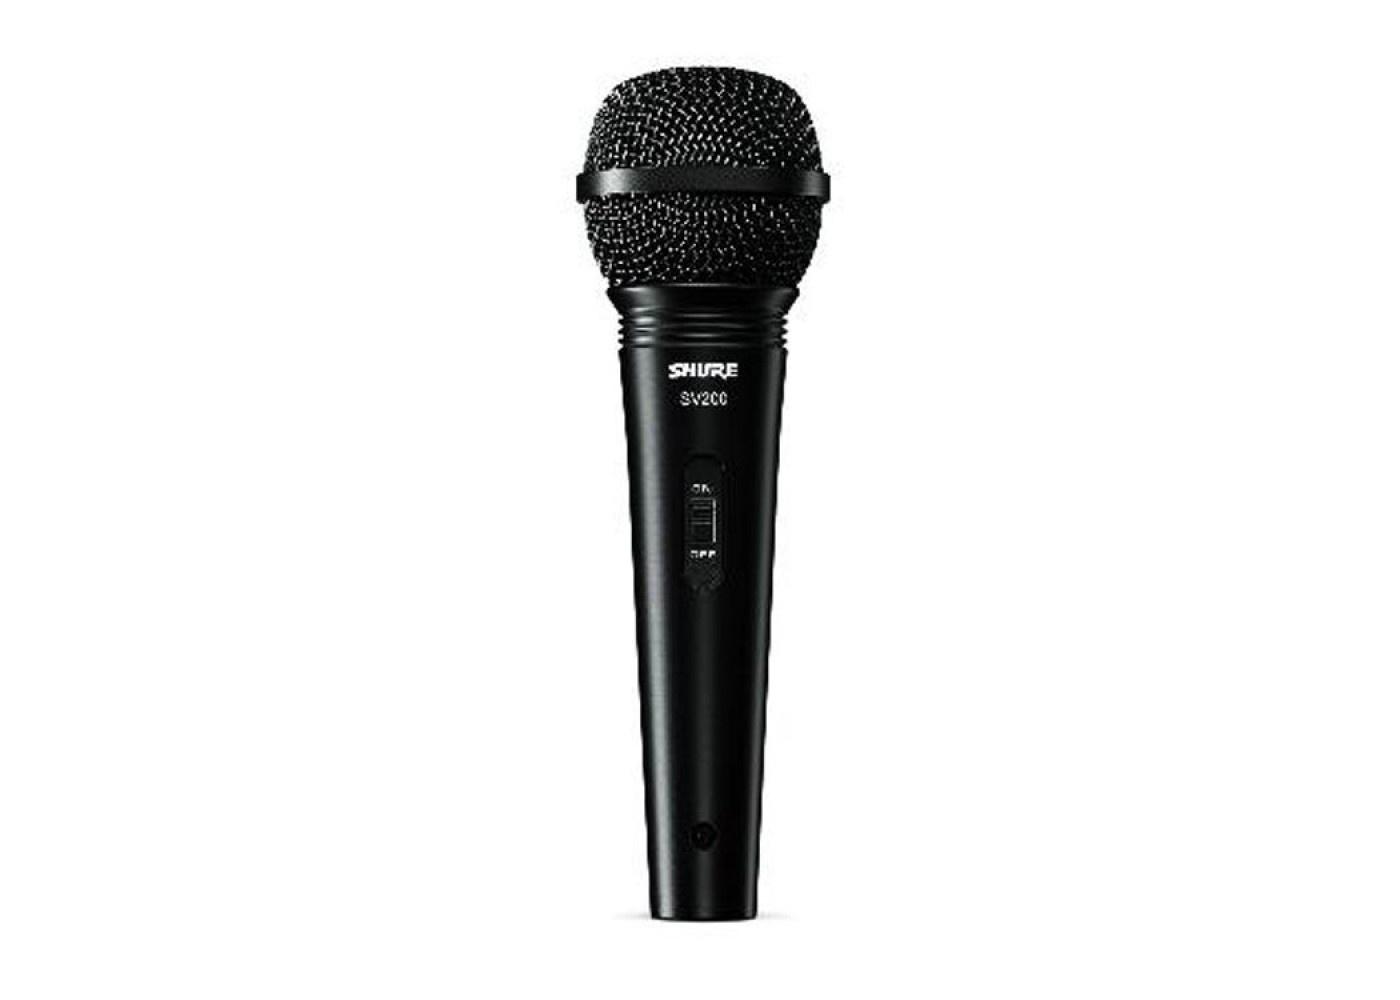 Микрофон SHURE SV200-A, черный микрофон shure sv 100 a